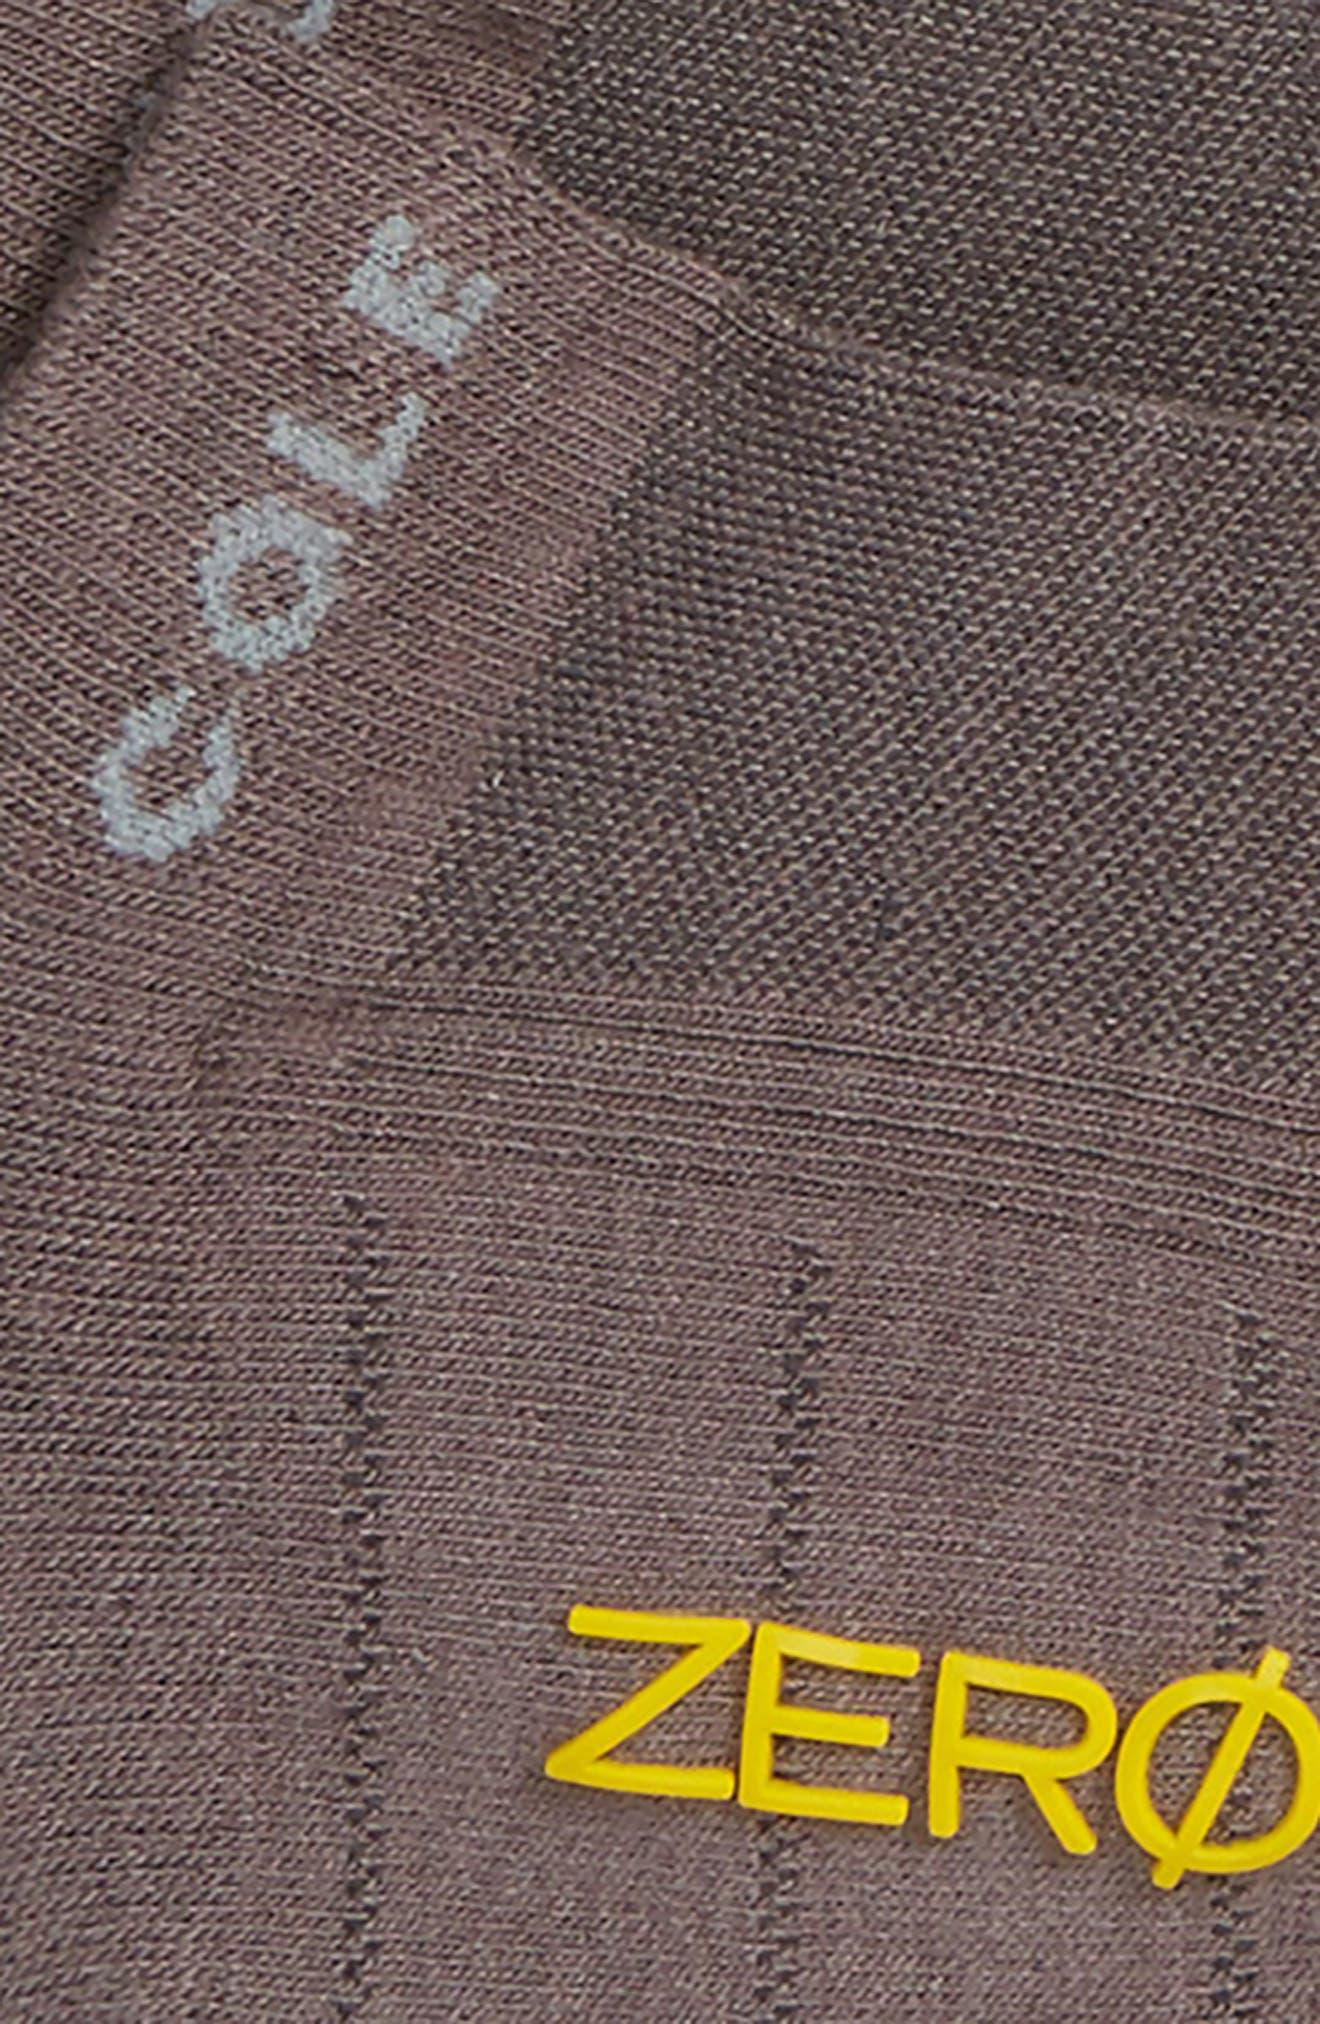 ZeroGrand Liner Socks,                             Alternate thumbnail 2, color,                             031